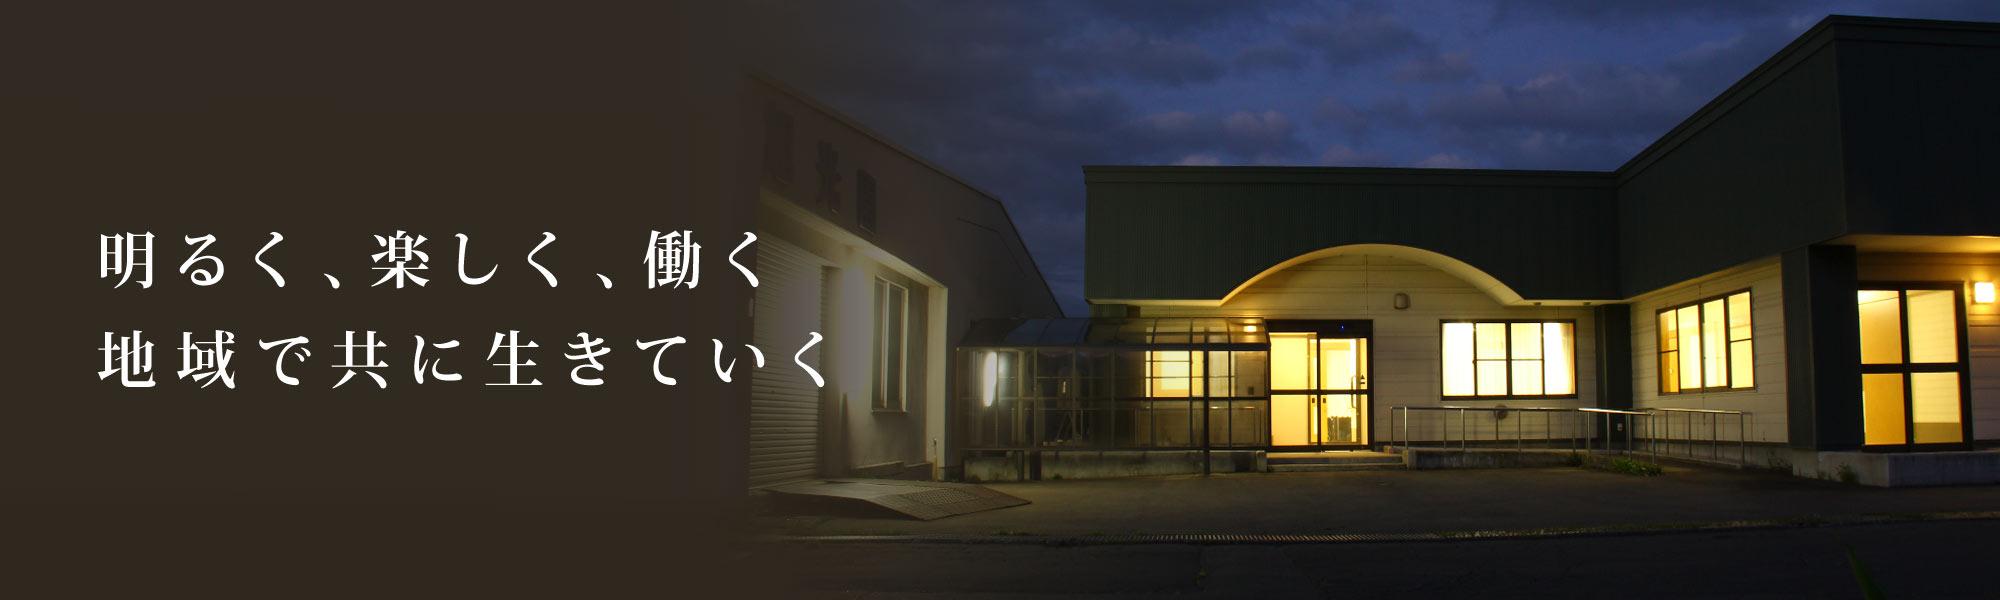 旭光園グループ 青森県平川市の生活支援、就労サポート、入所、短期入所ができる、障がい者支援施設